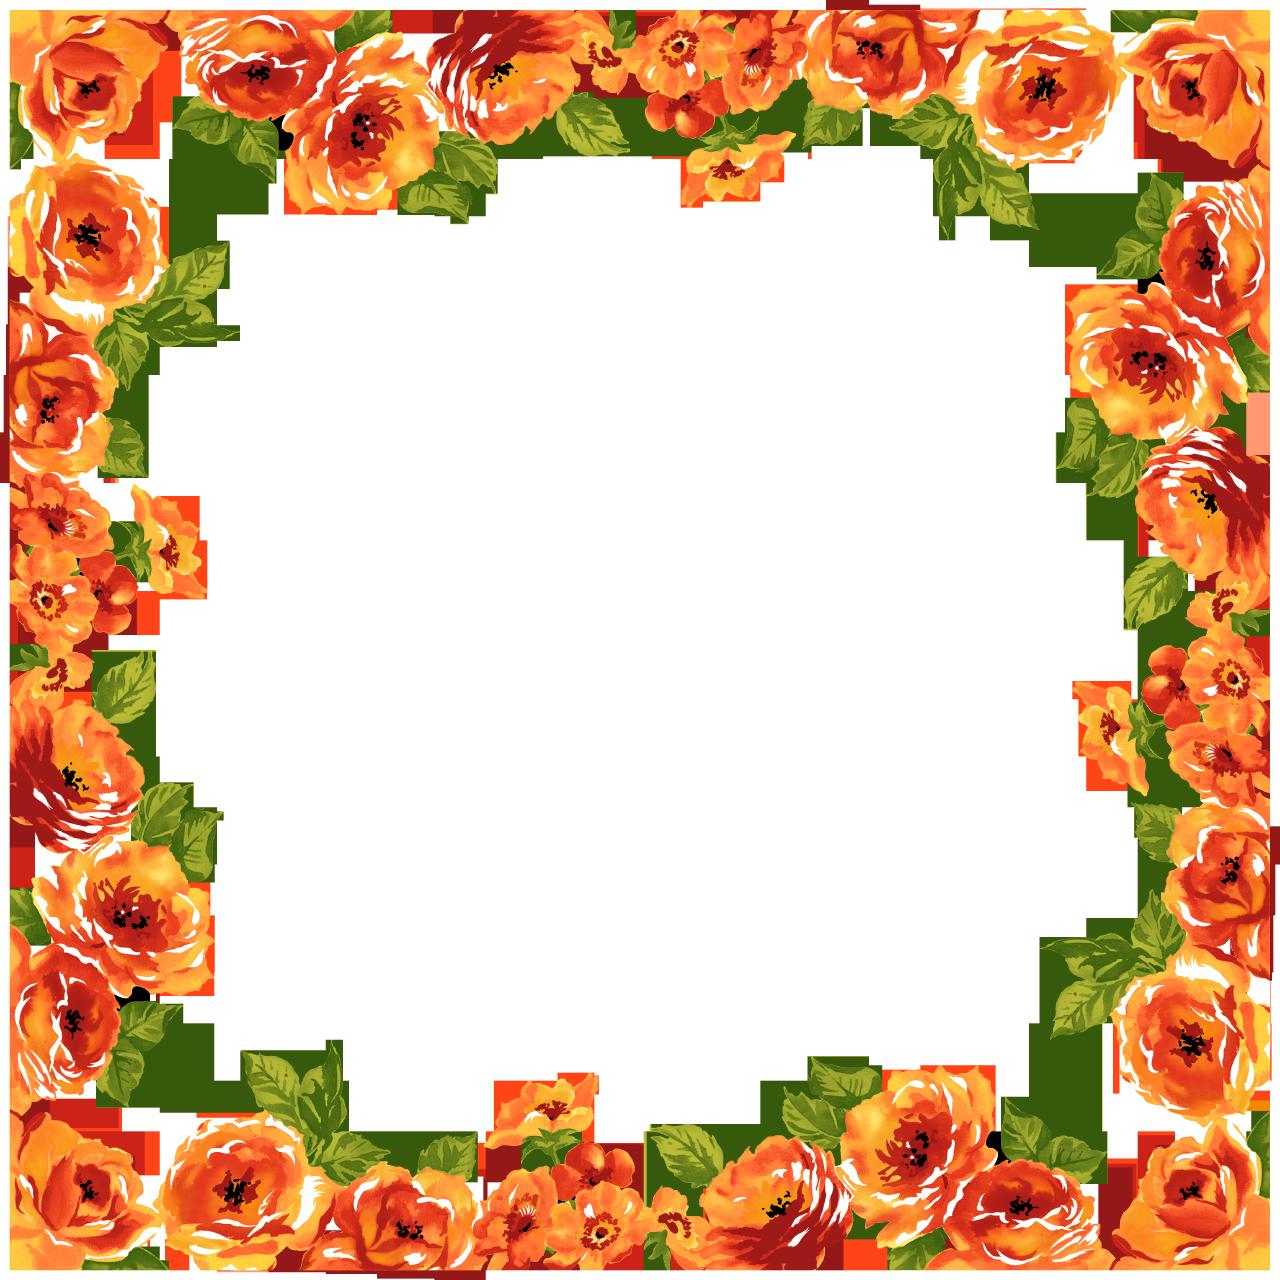 Download Free Transparent Png Image Flower Border